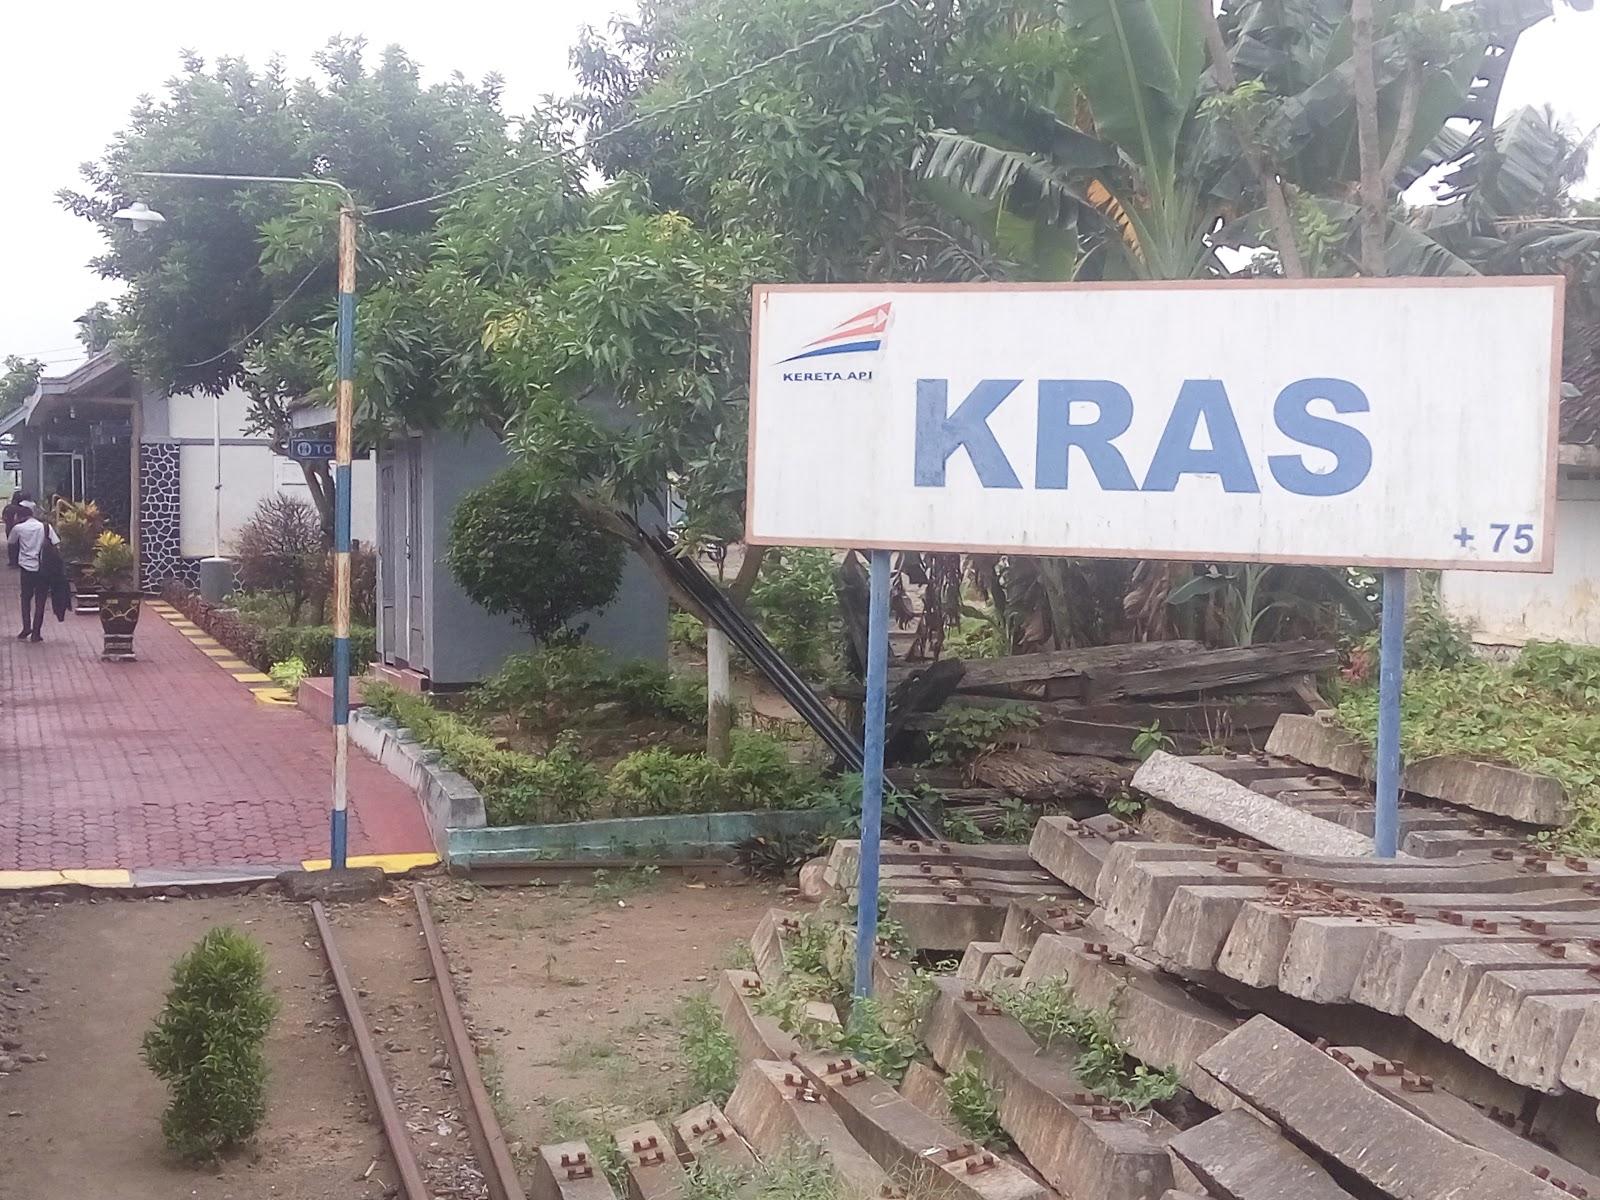 Stasiun Kereta Api Kras Informasi Situs Budaya Indonesia Sendang Tirta